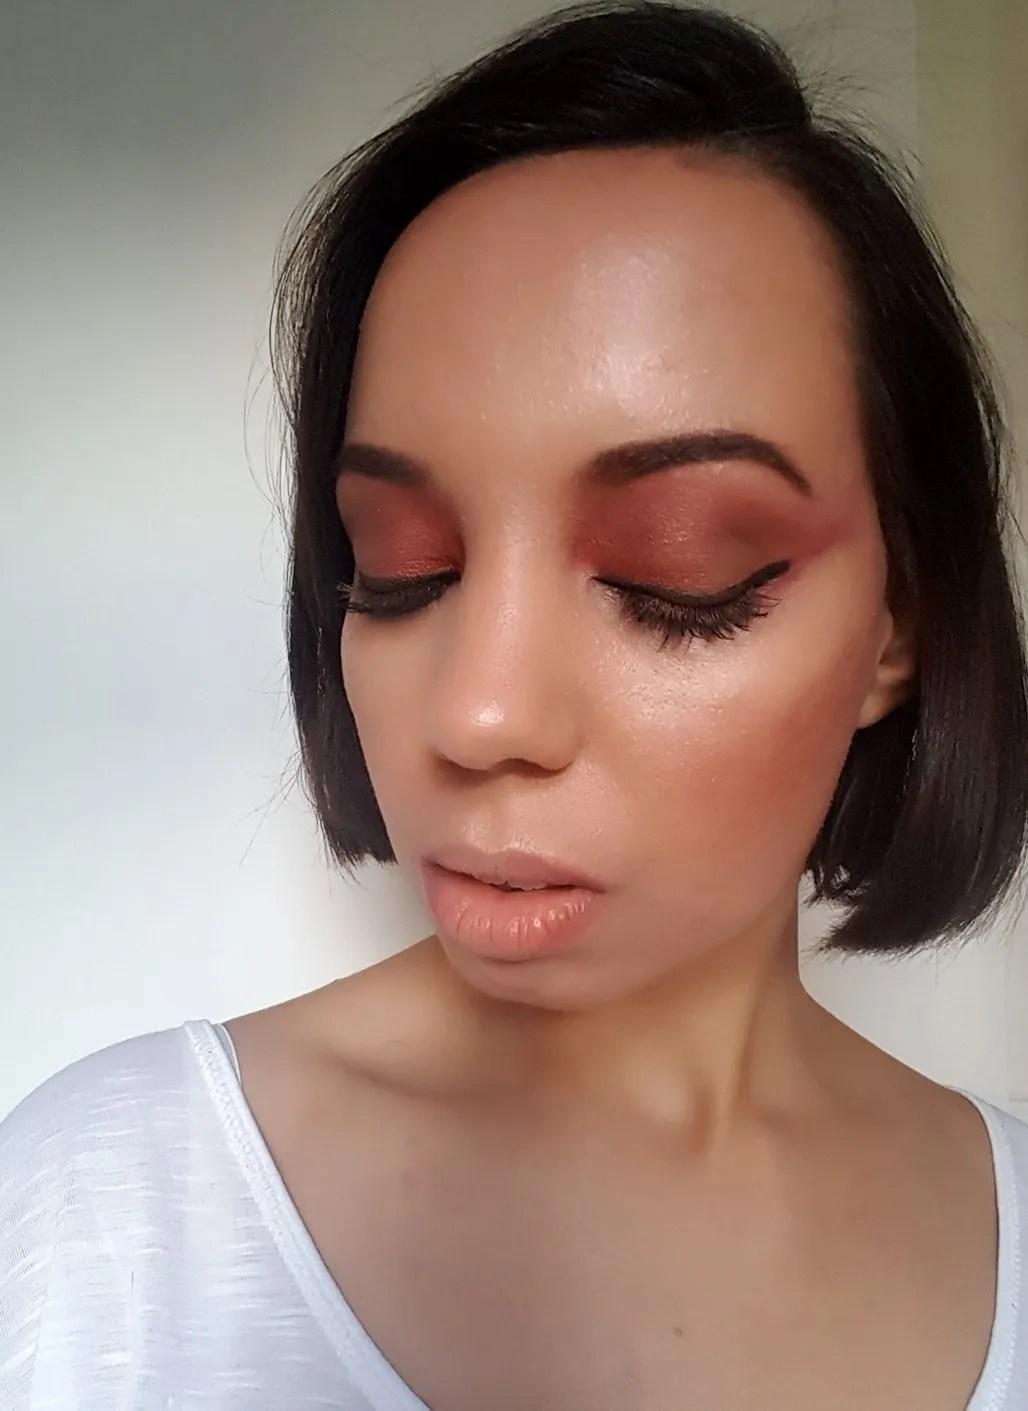 Marc Jacobs makeup inspiration